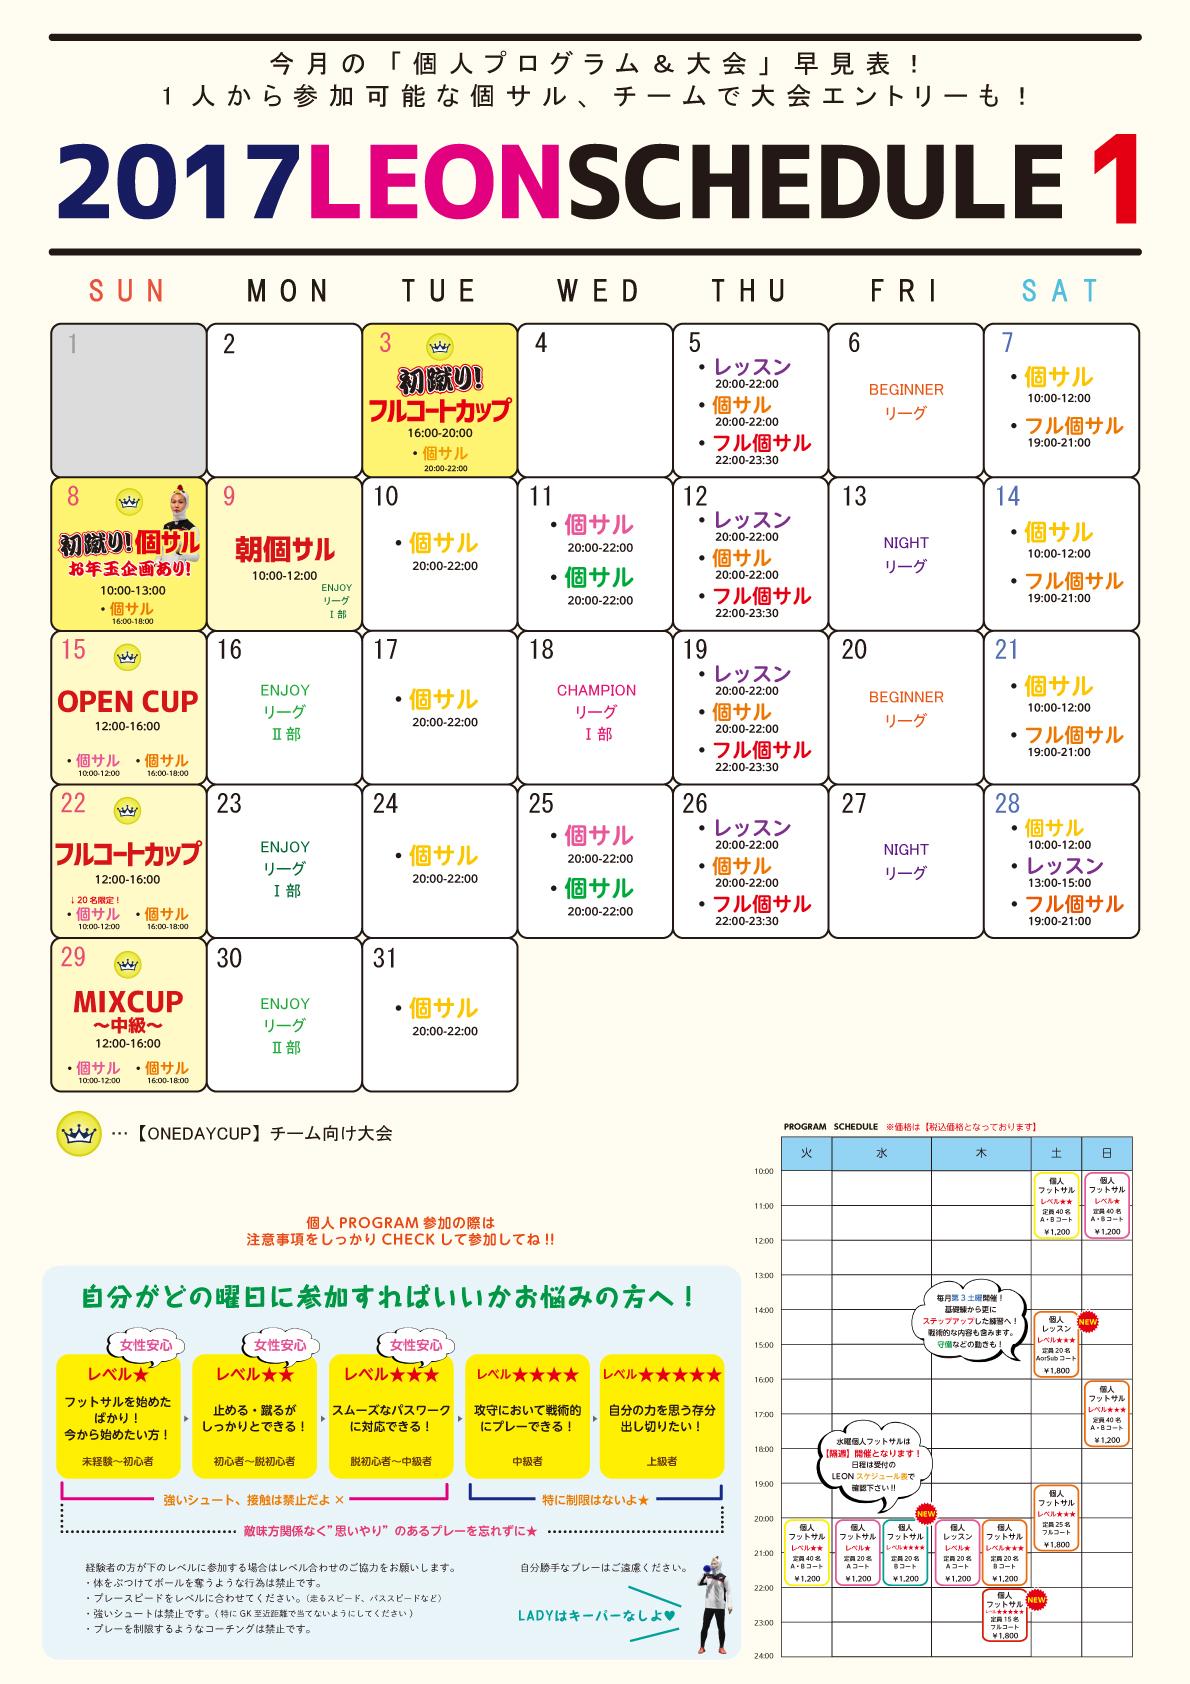 2017.1月掲示Schedule